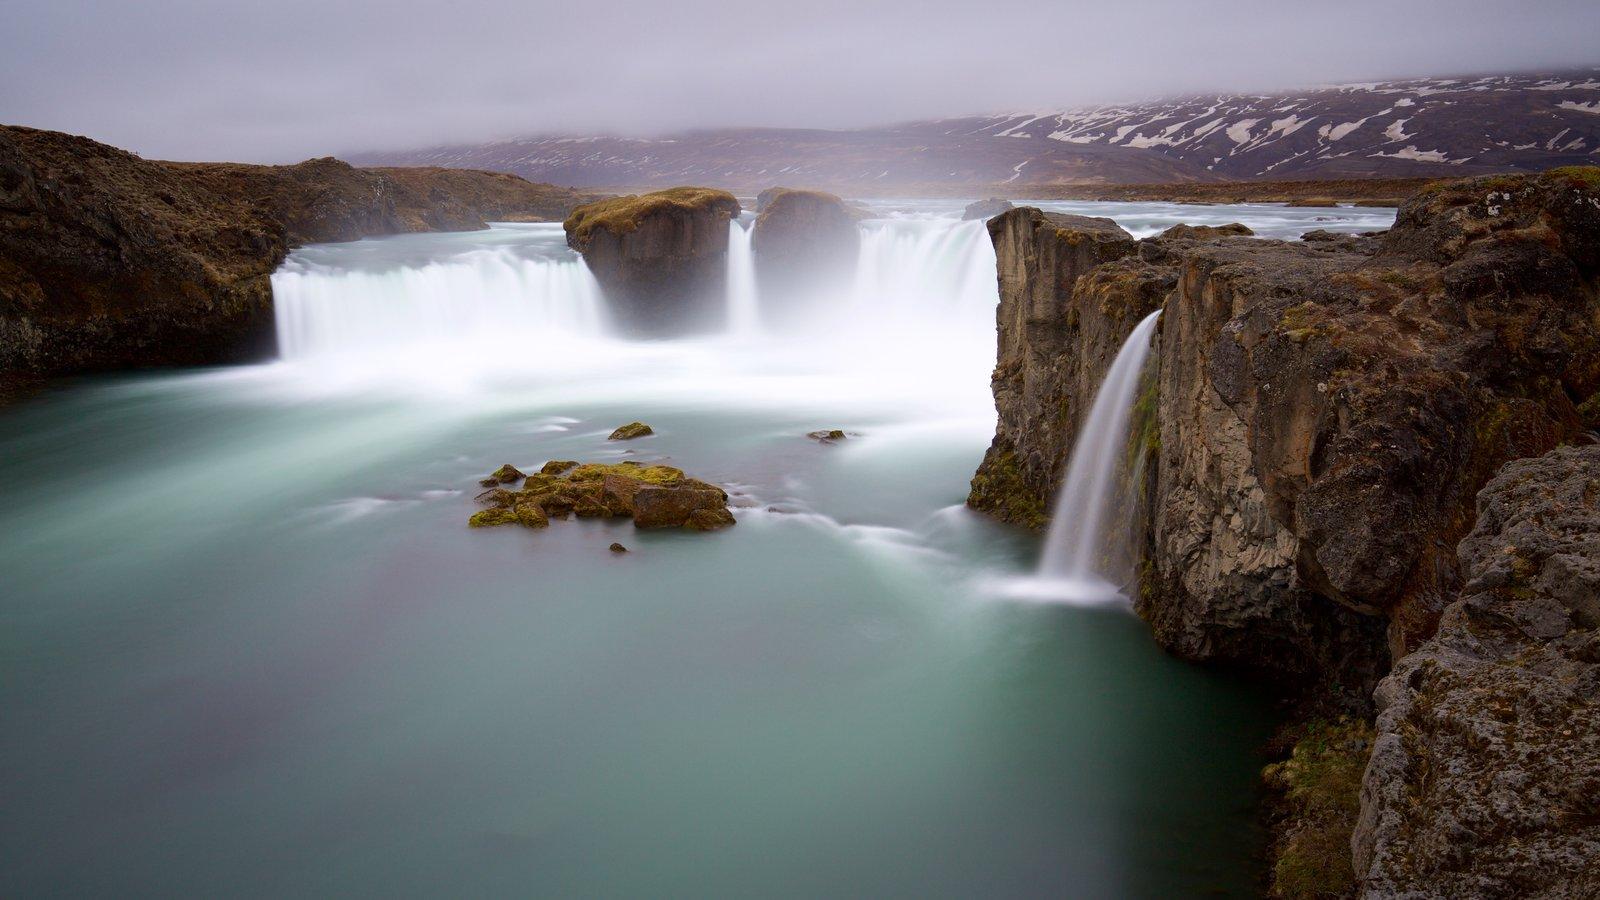 Godafoss mostrando uma cachoeira, um rio ou córrego e neblina